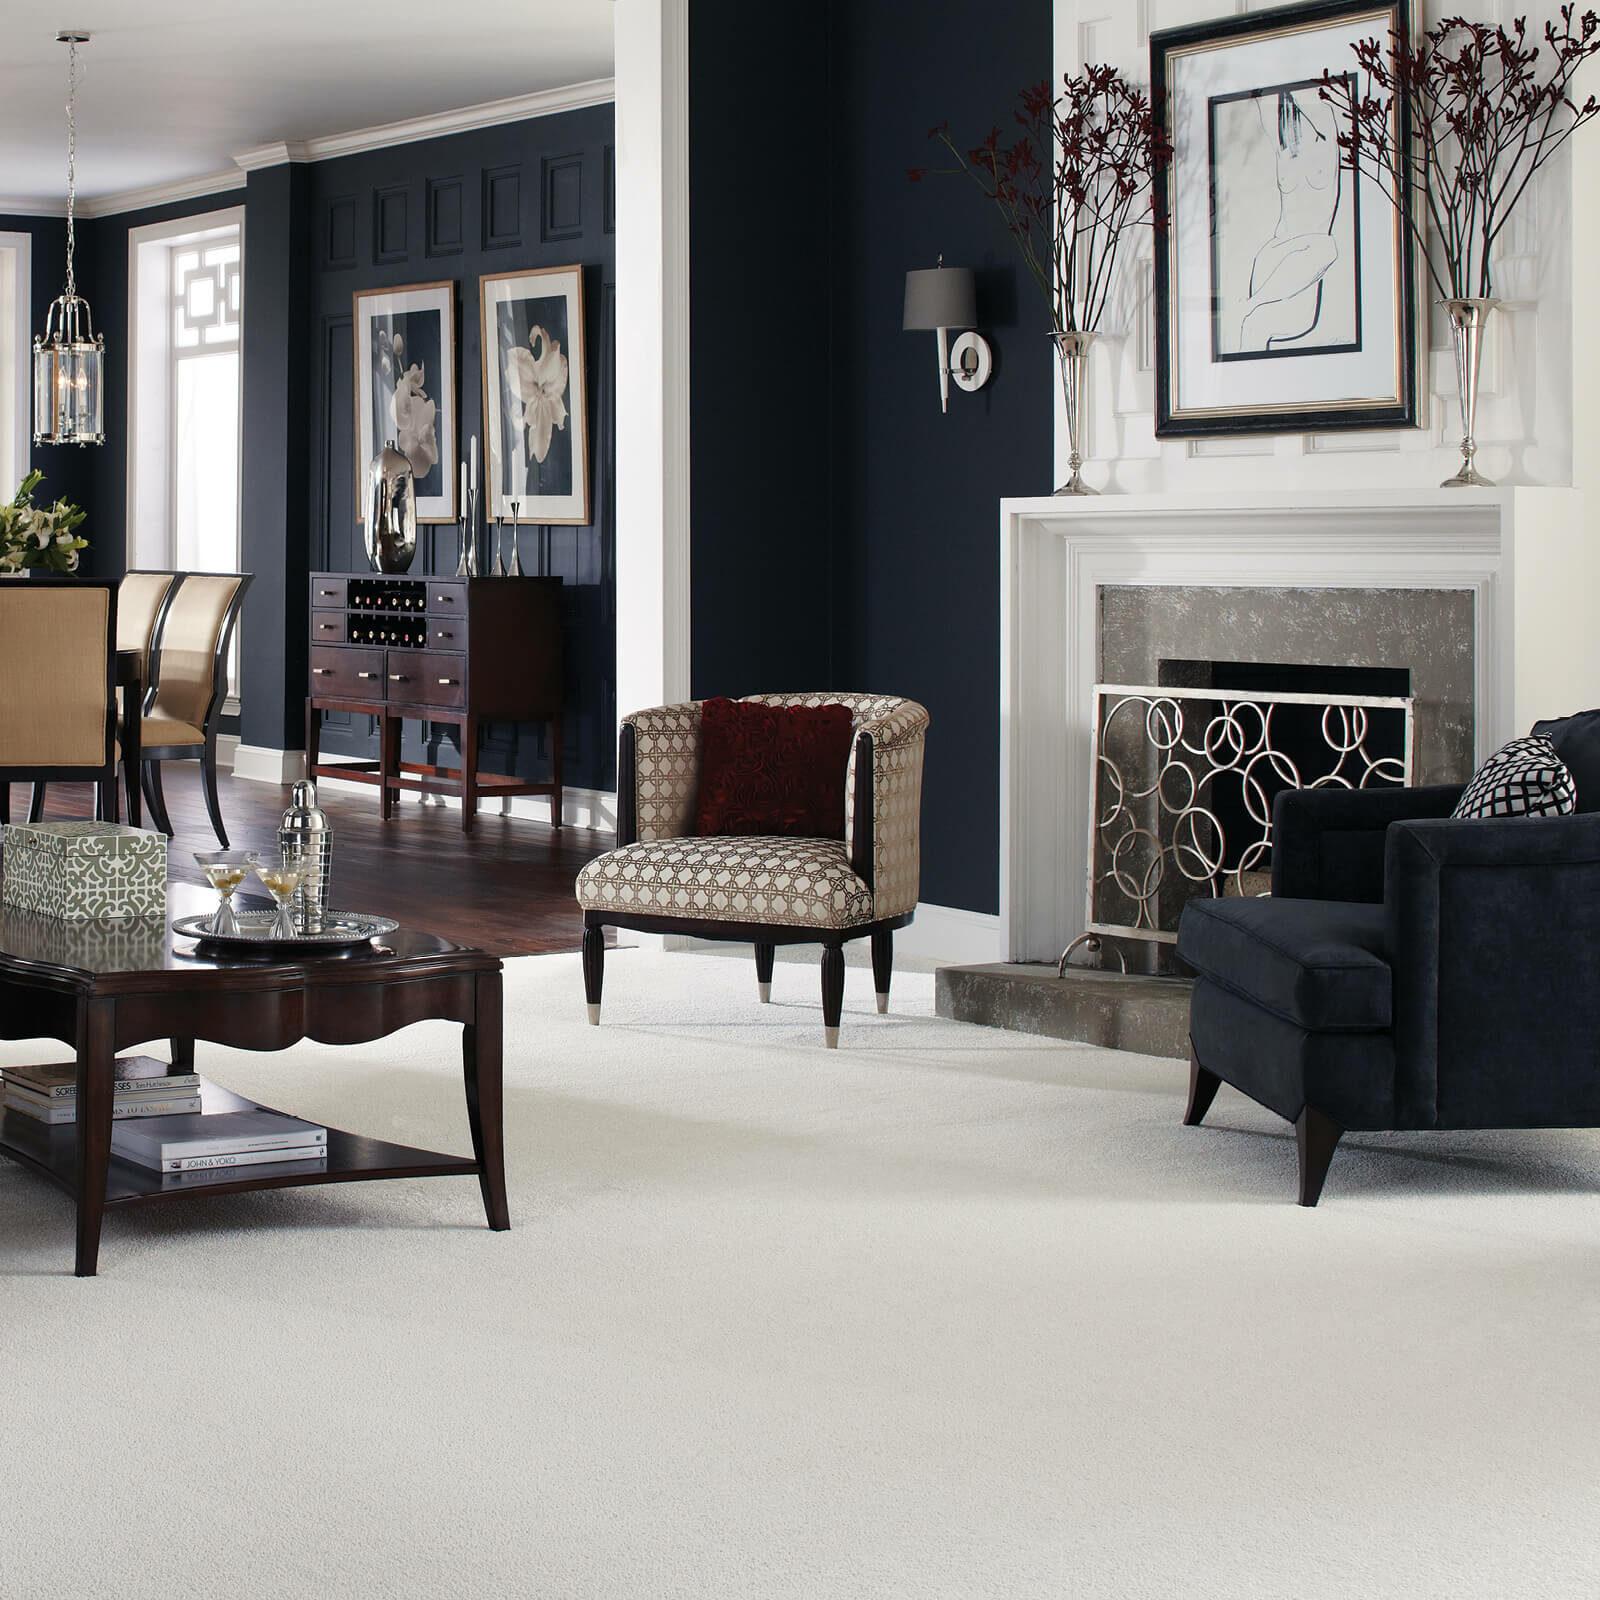 White Carpet in Living room | Price Flooring